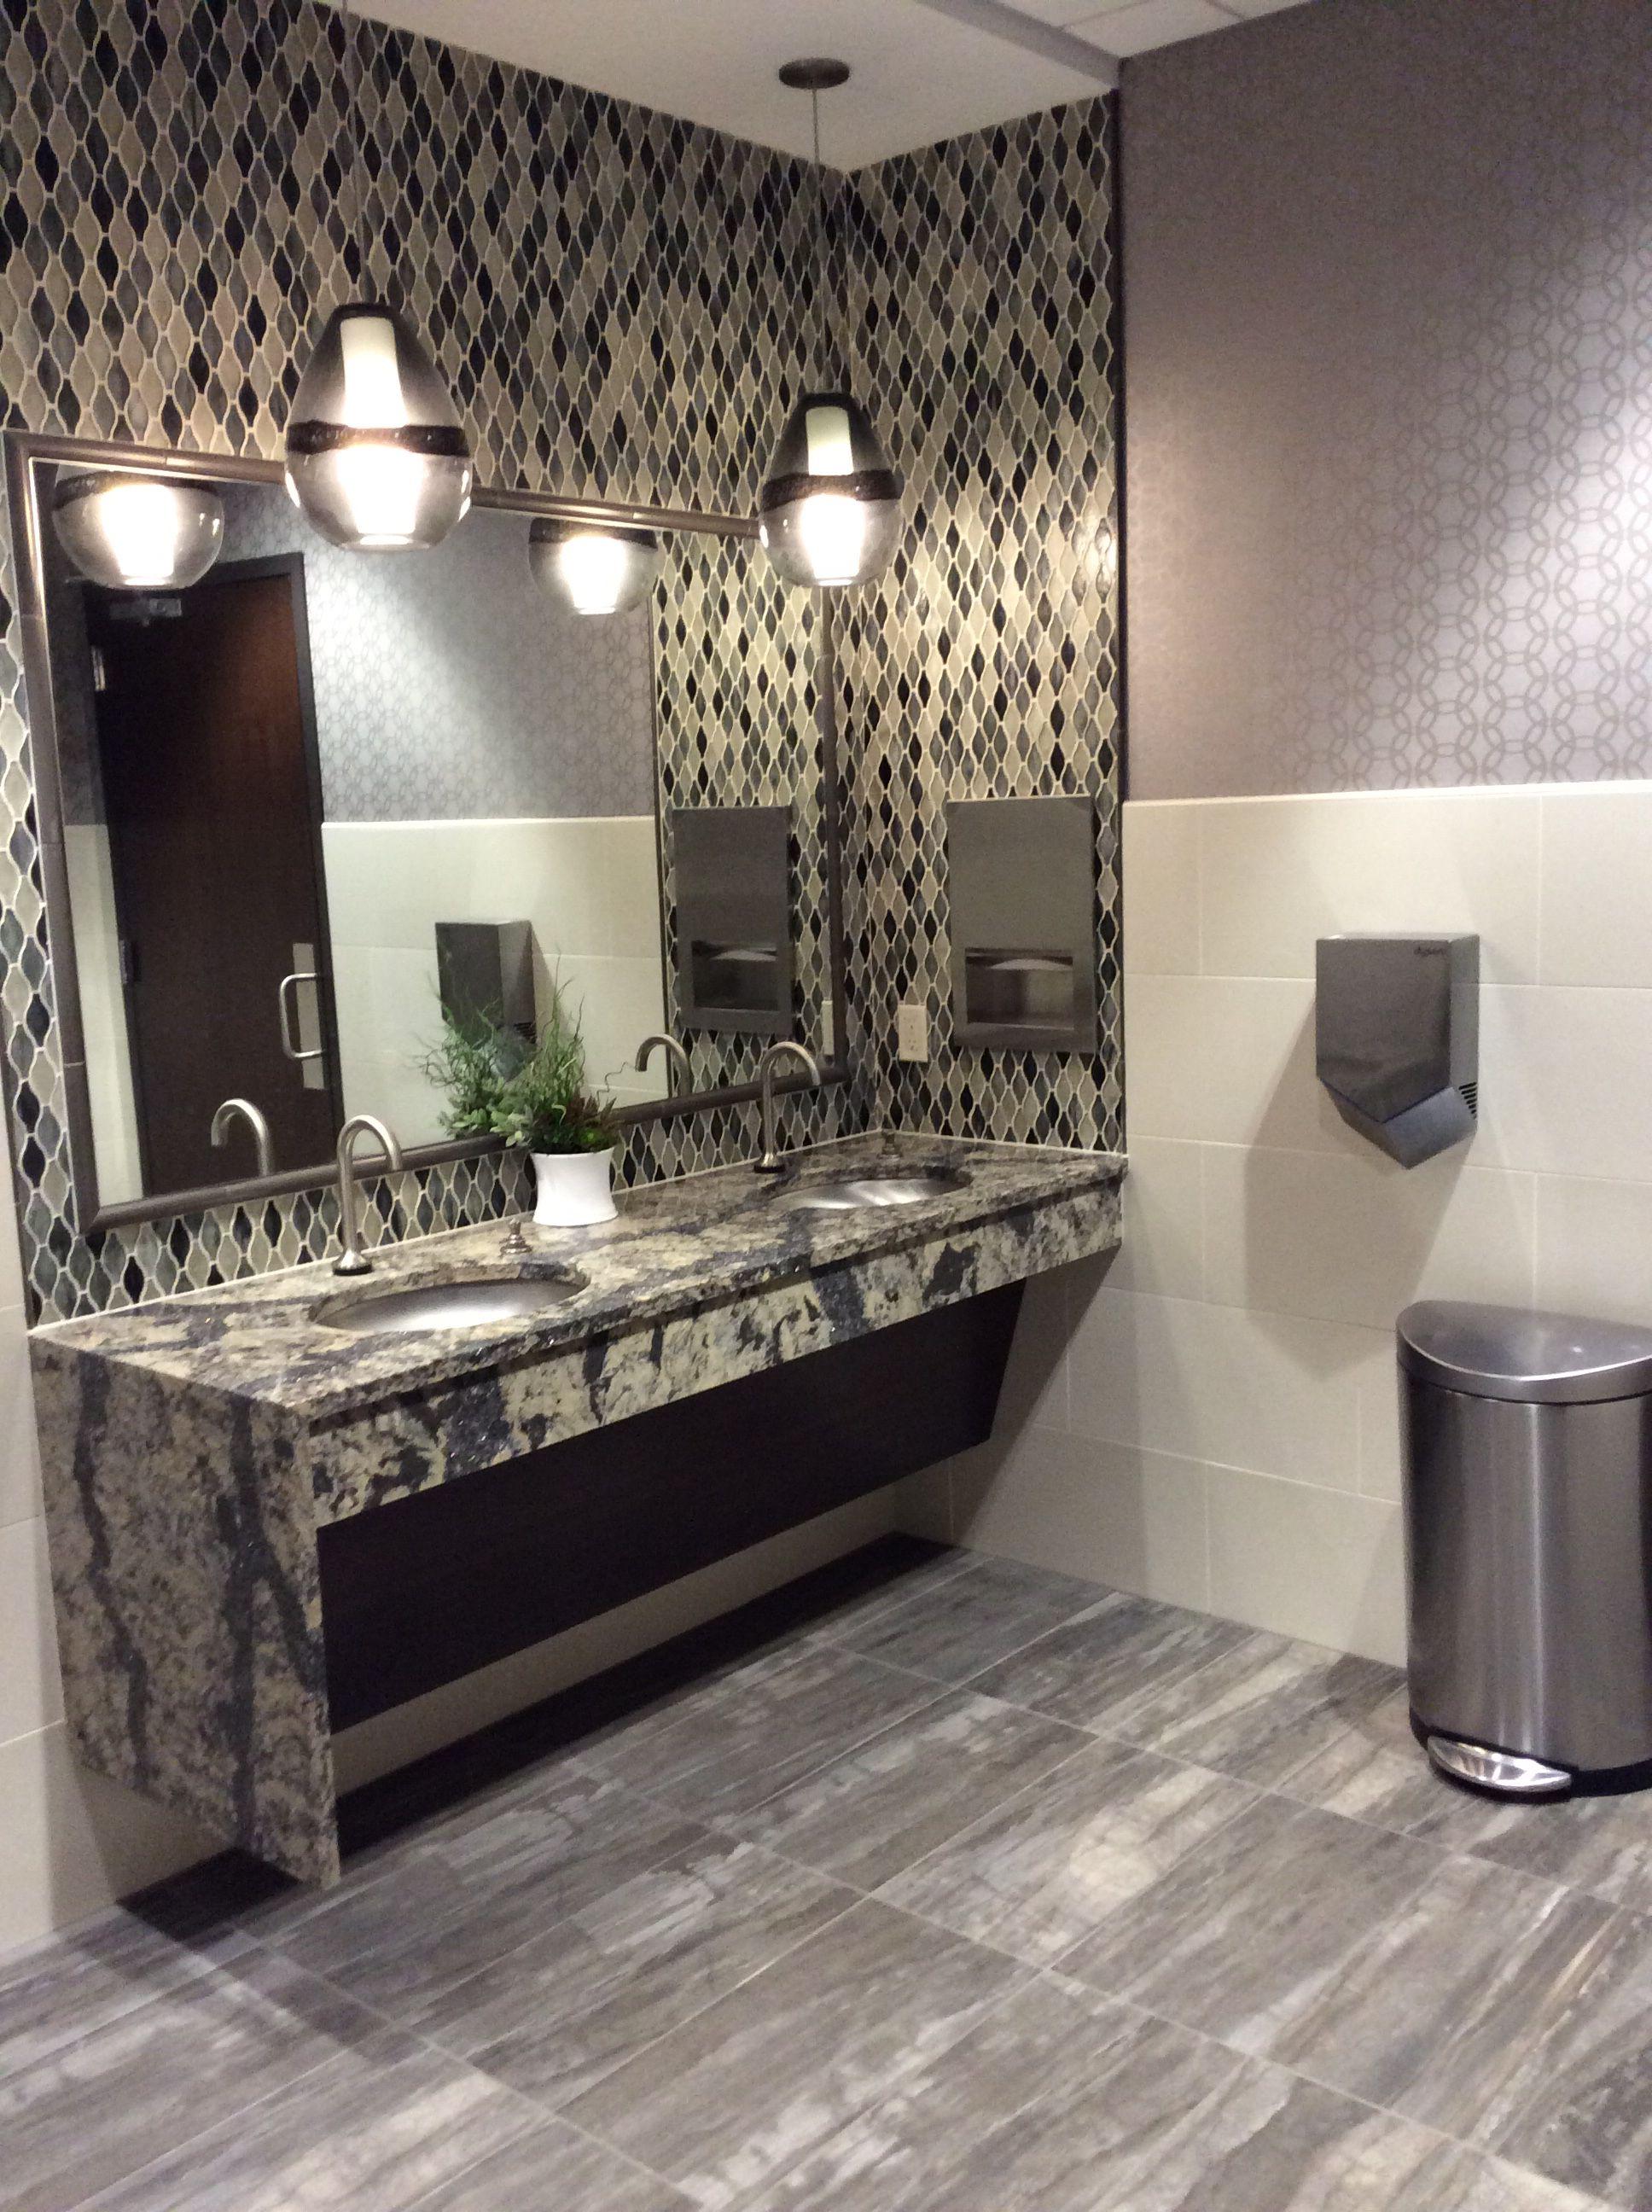 Pin by Daltile Canada on Bathroom Daltile, Bathroom